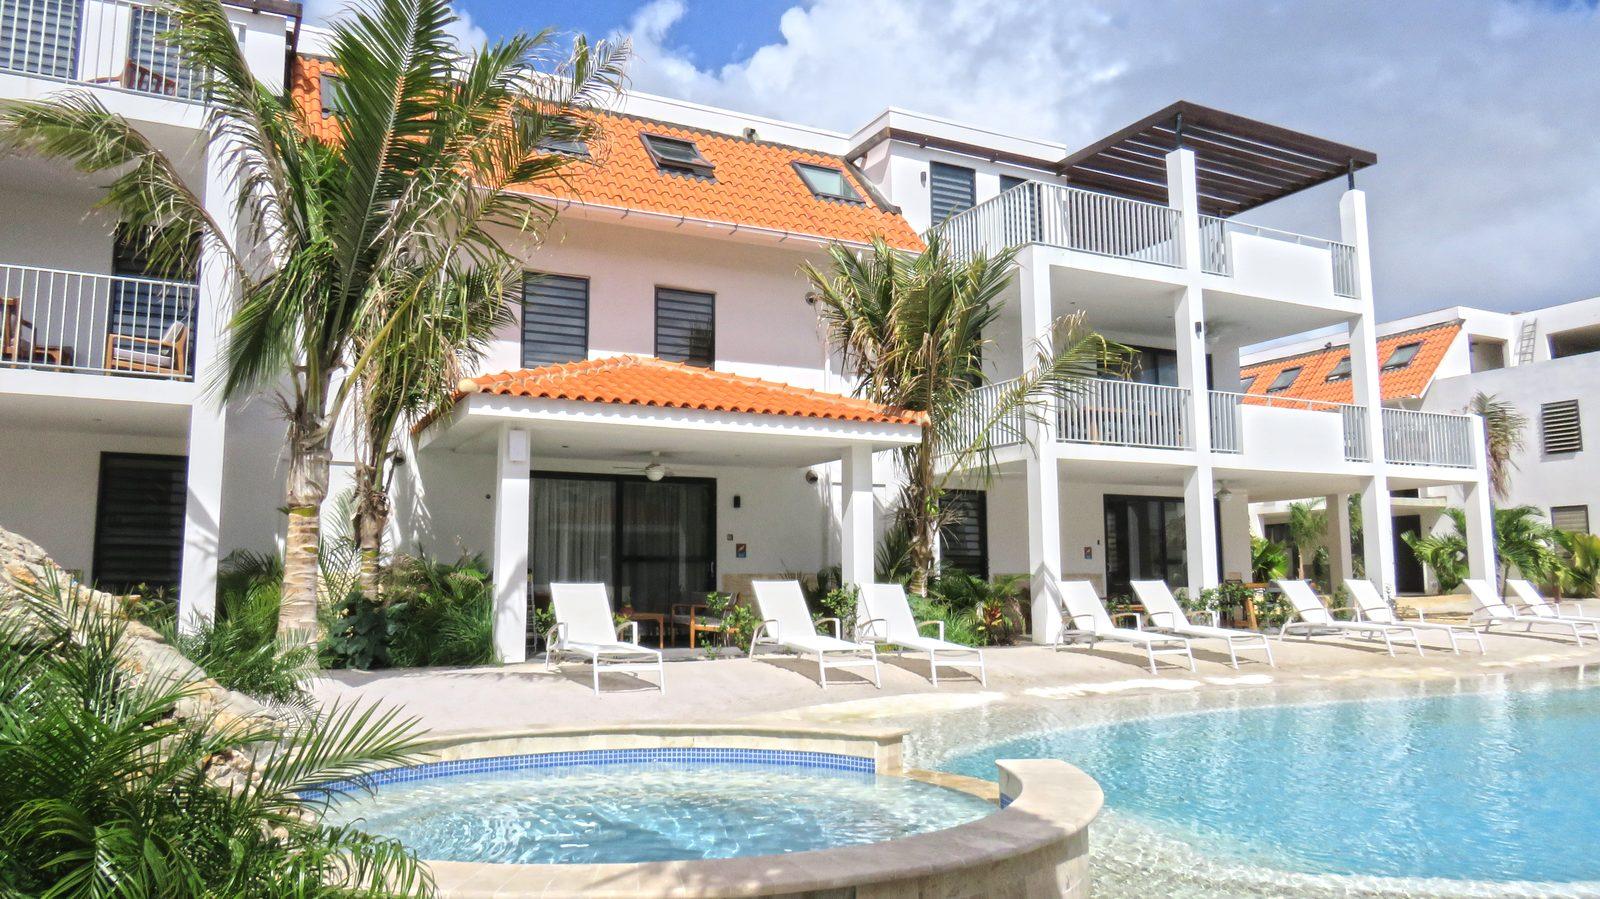 Schauen Sie sich das Resort Bonaire an, ein  Urlaubsort auf der wunderschönen Insel Bonaire. Die Luxus-Apartments im Resort Bonair sind für vier oder sechs Gäste geeignet.